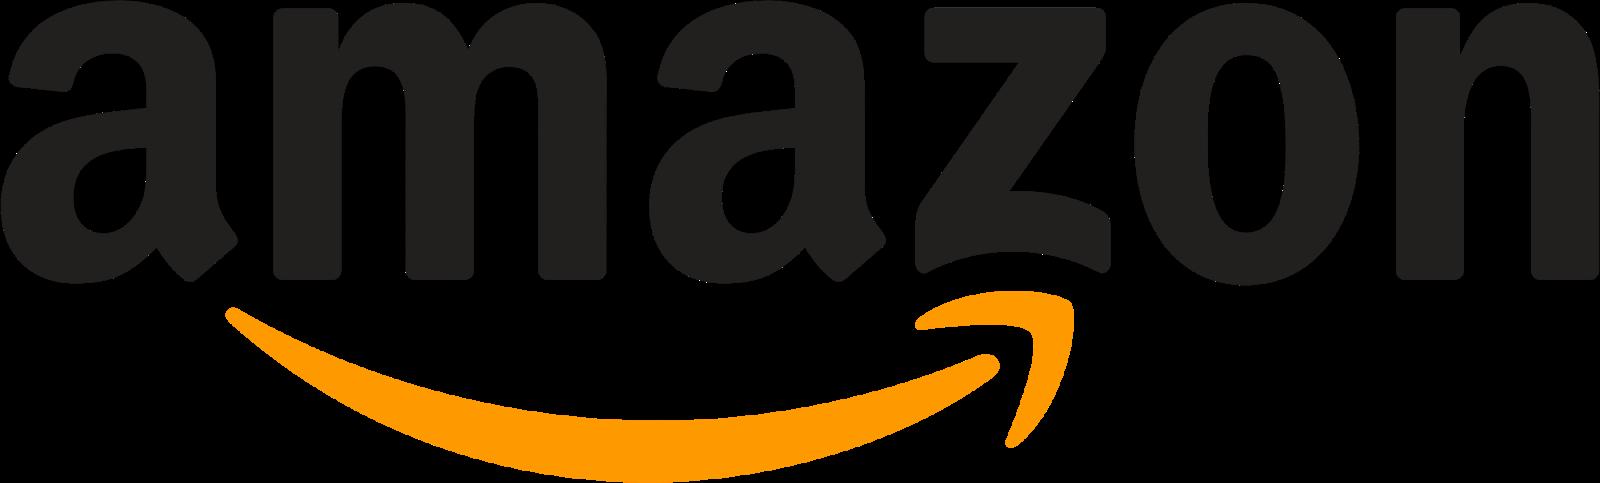 amazon customer service help desk customer service e commerce rh allinonecustomercare com amazon help desk chat amazon help desk software